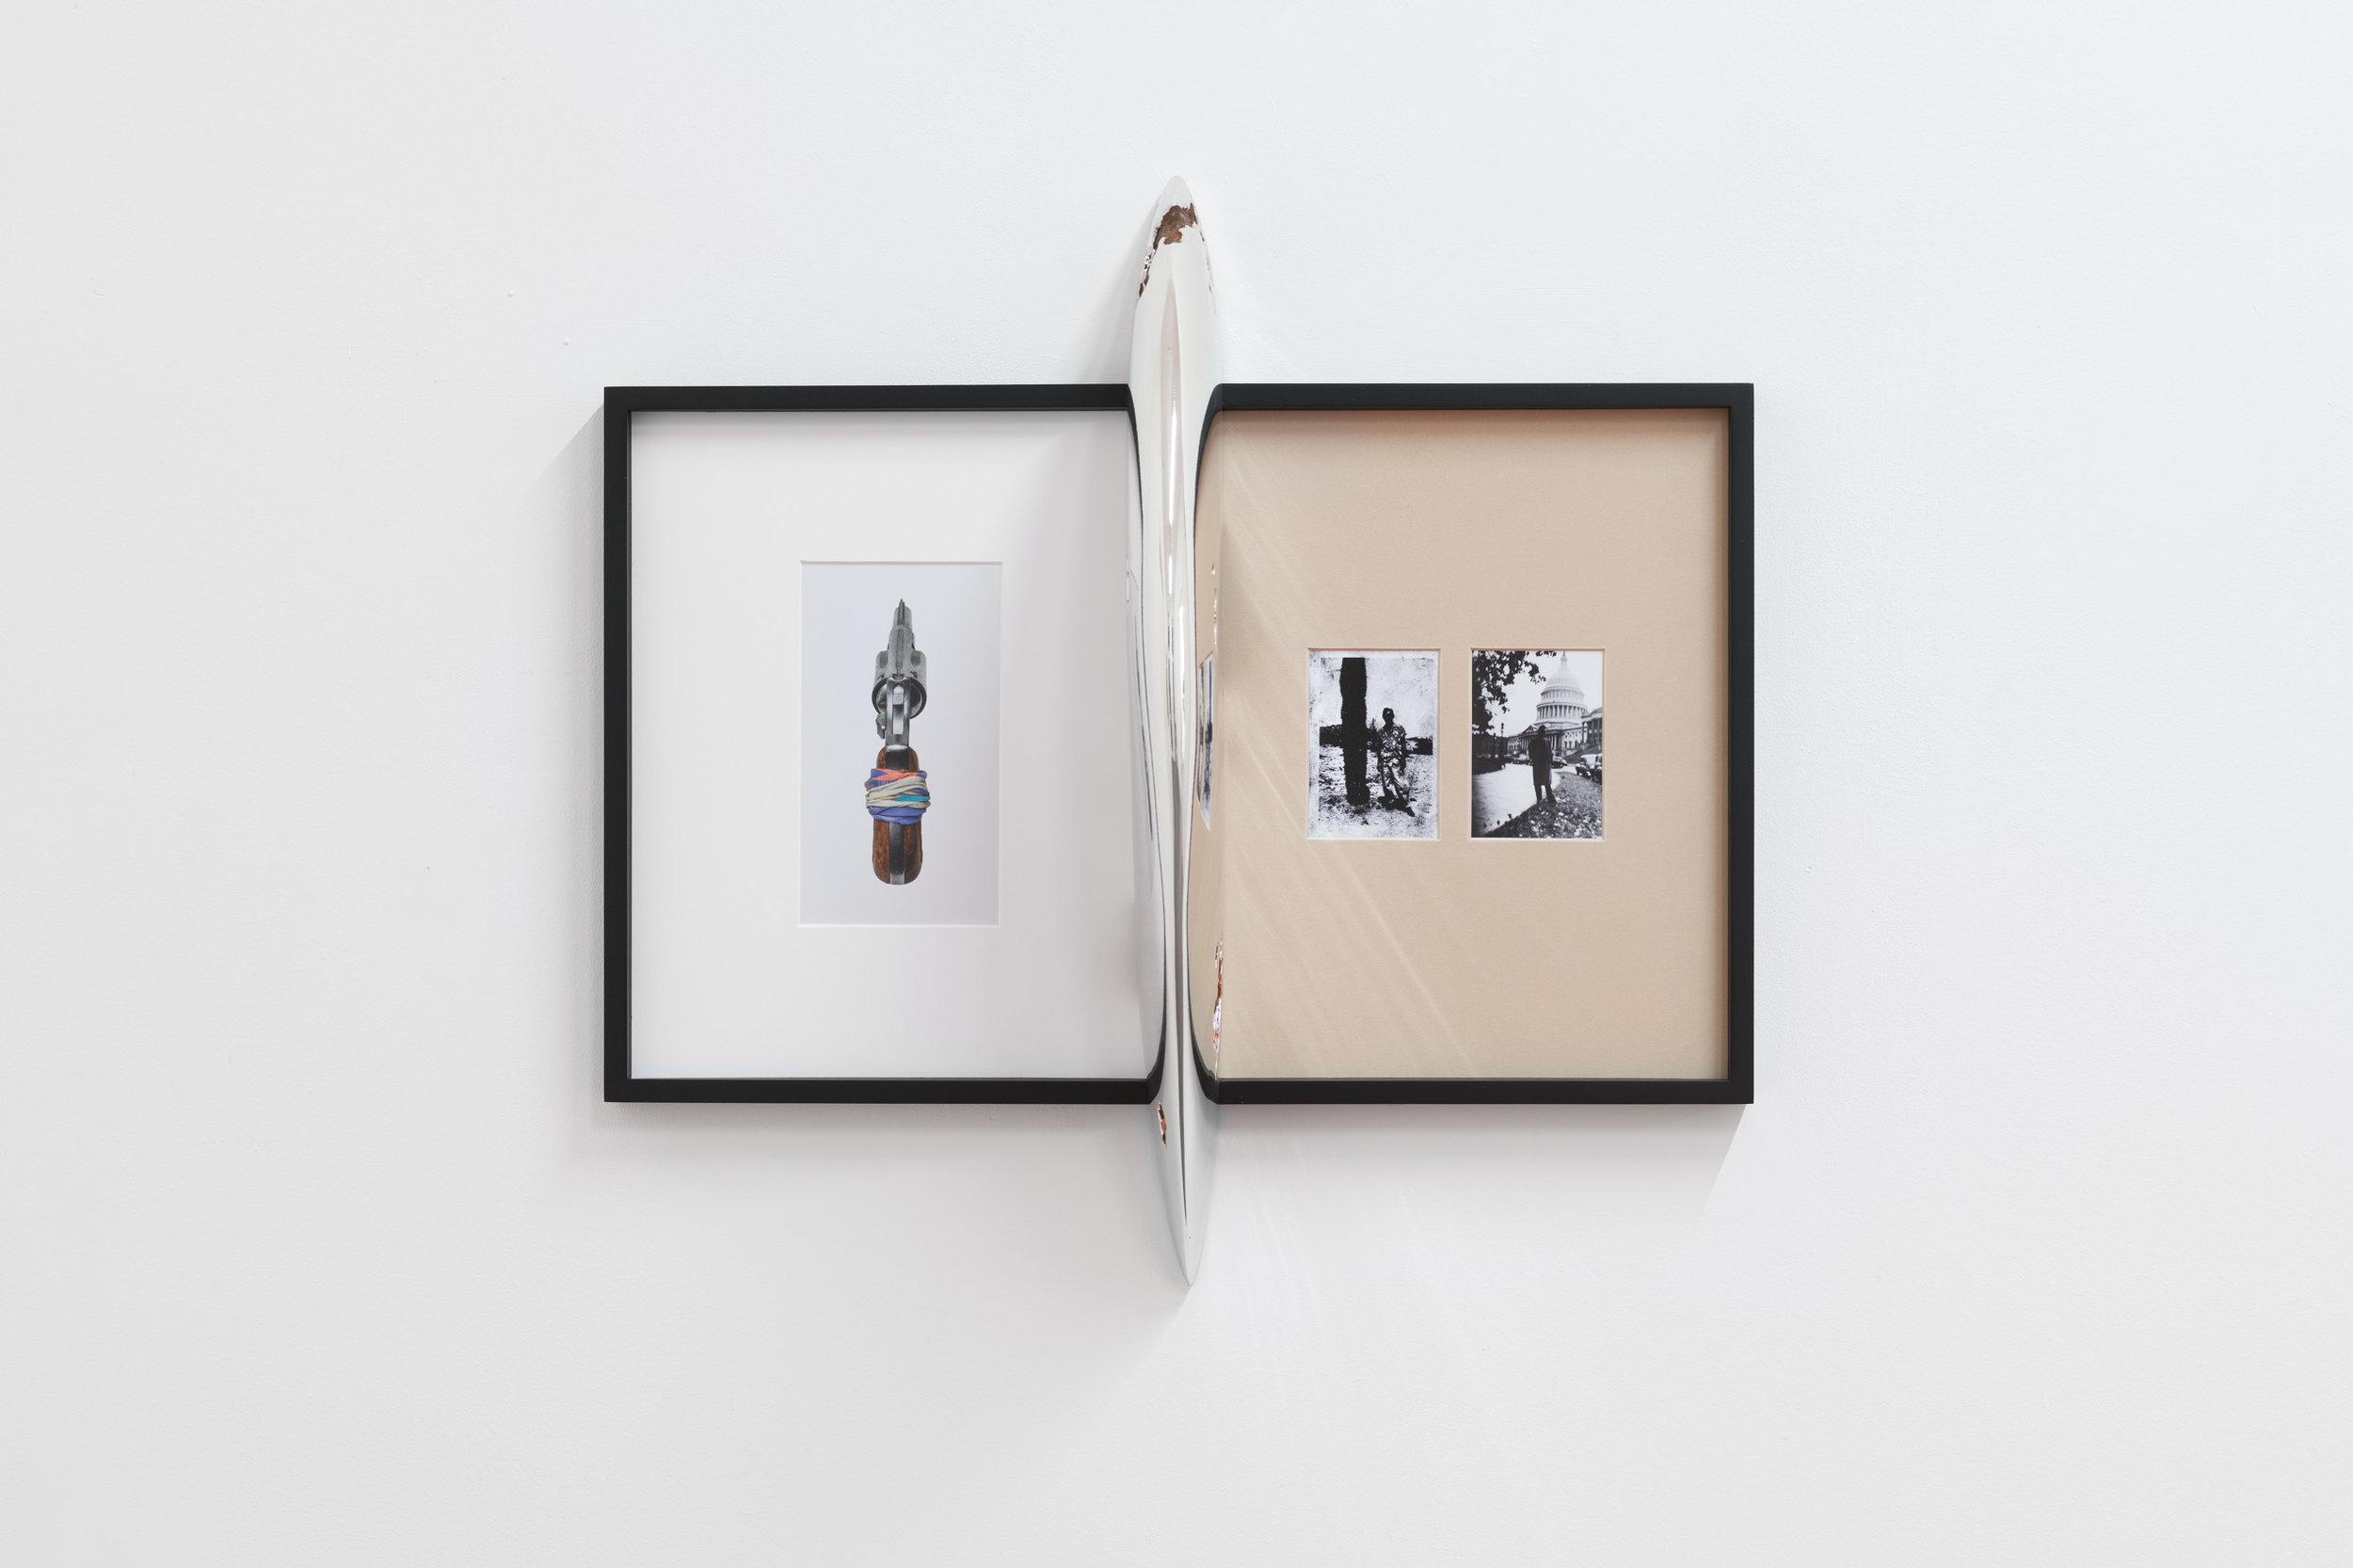 Alex Ito,  Possession I (passive aggressor),  2018, Chromed resin mounted on framed inkjet print, 60 x 61 x 20 cm